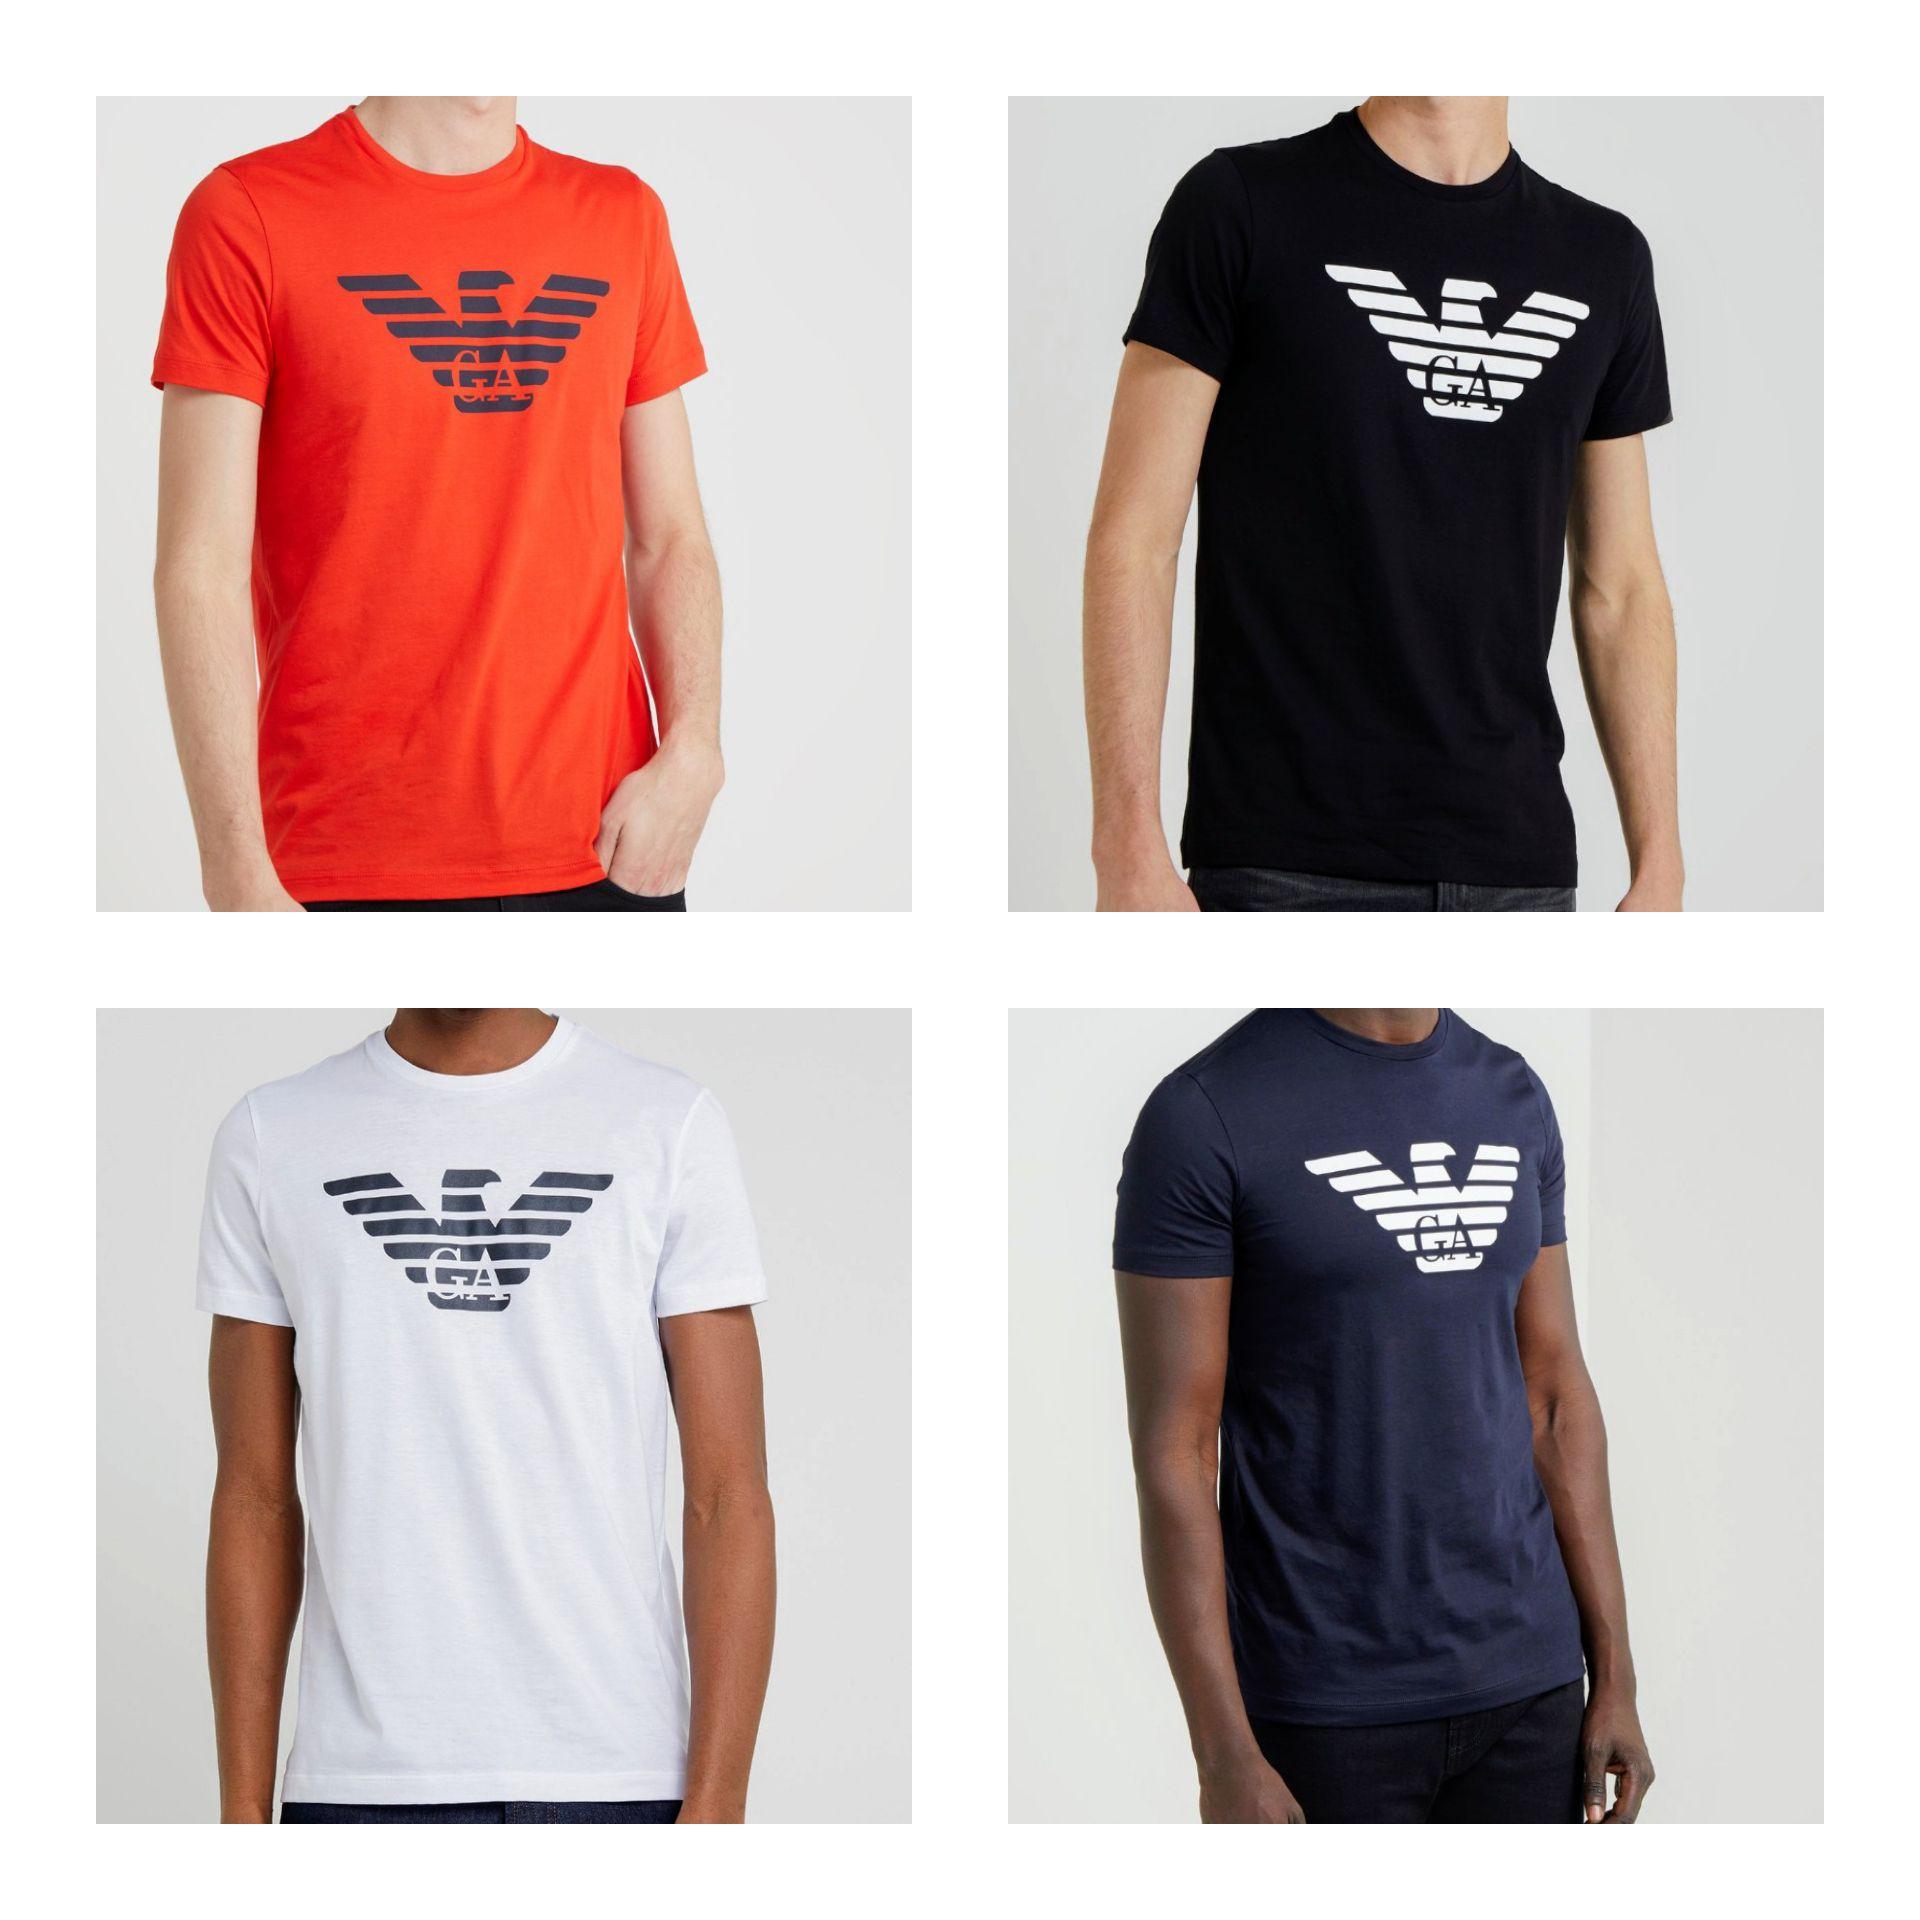 Camisetas de manga corta Emporio Armani de varios colores